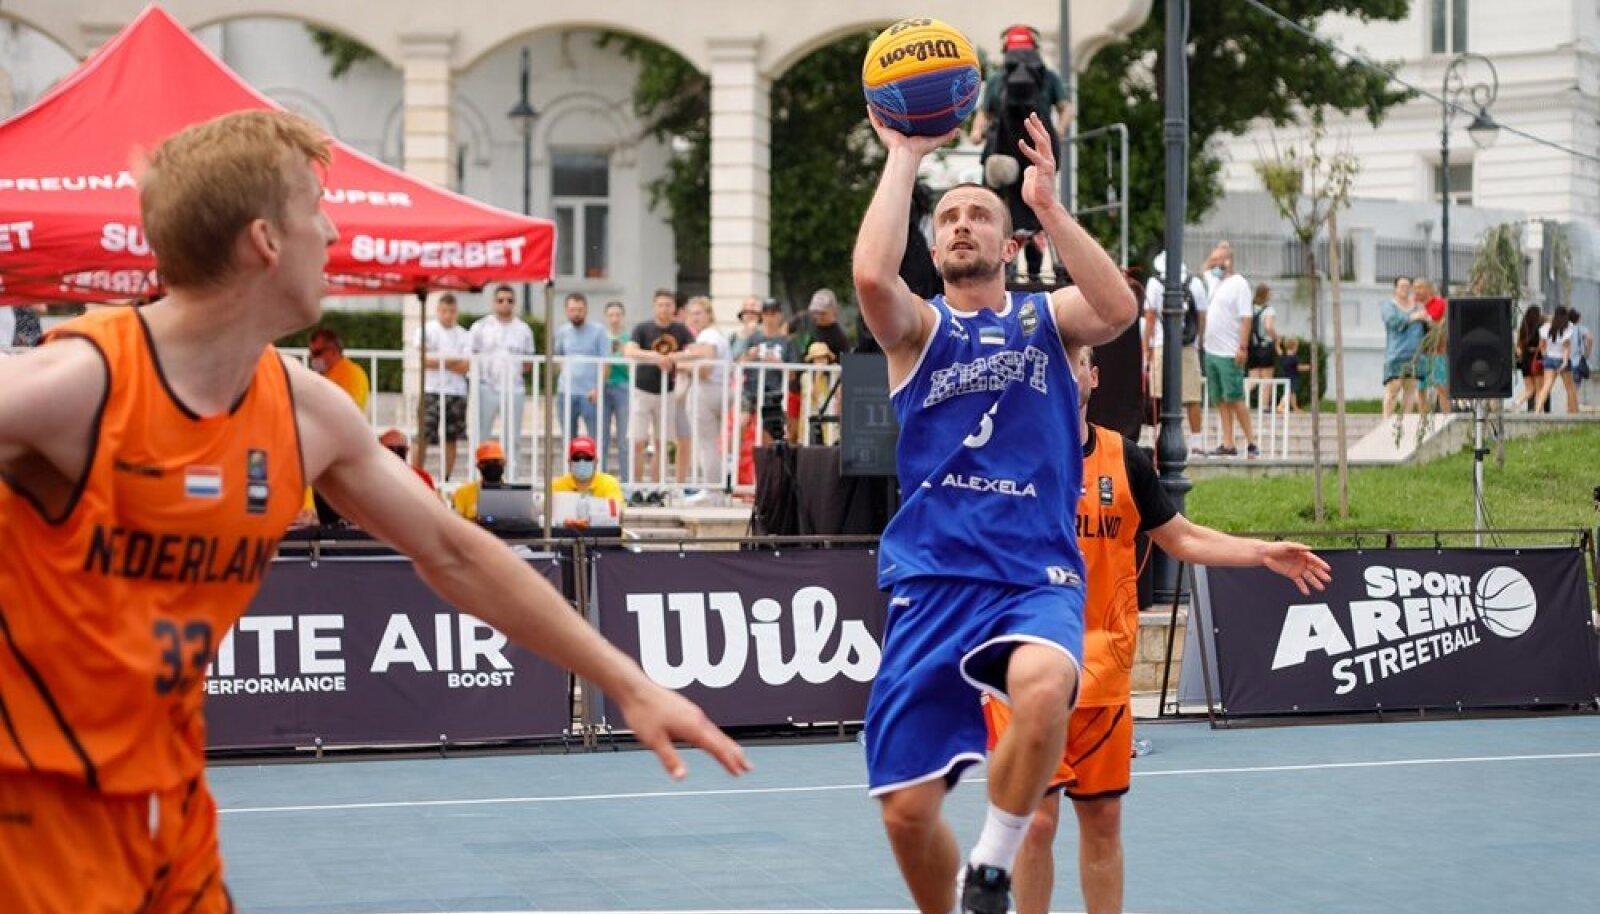 Eesti koondislane Rait-Riivo Laane loodab, et Eesti suudab mängida pingevabalt ja hästi. Samas on ka murekohti.